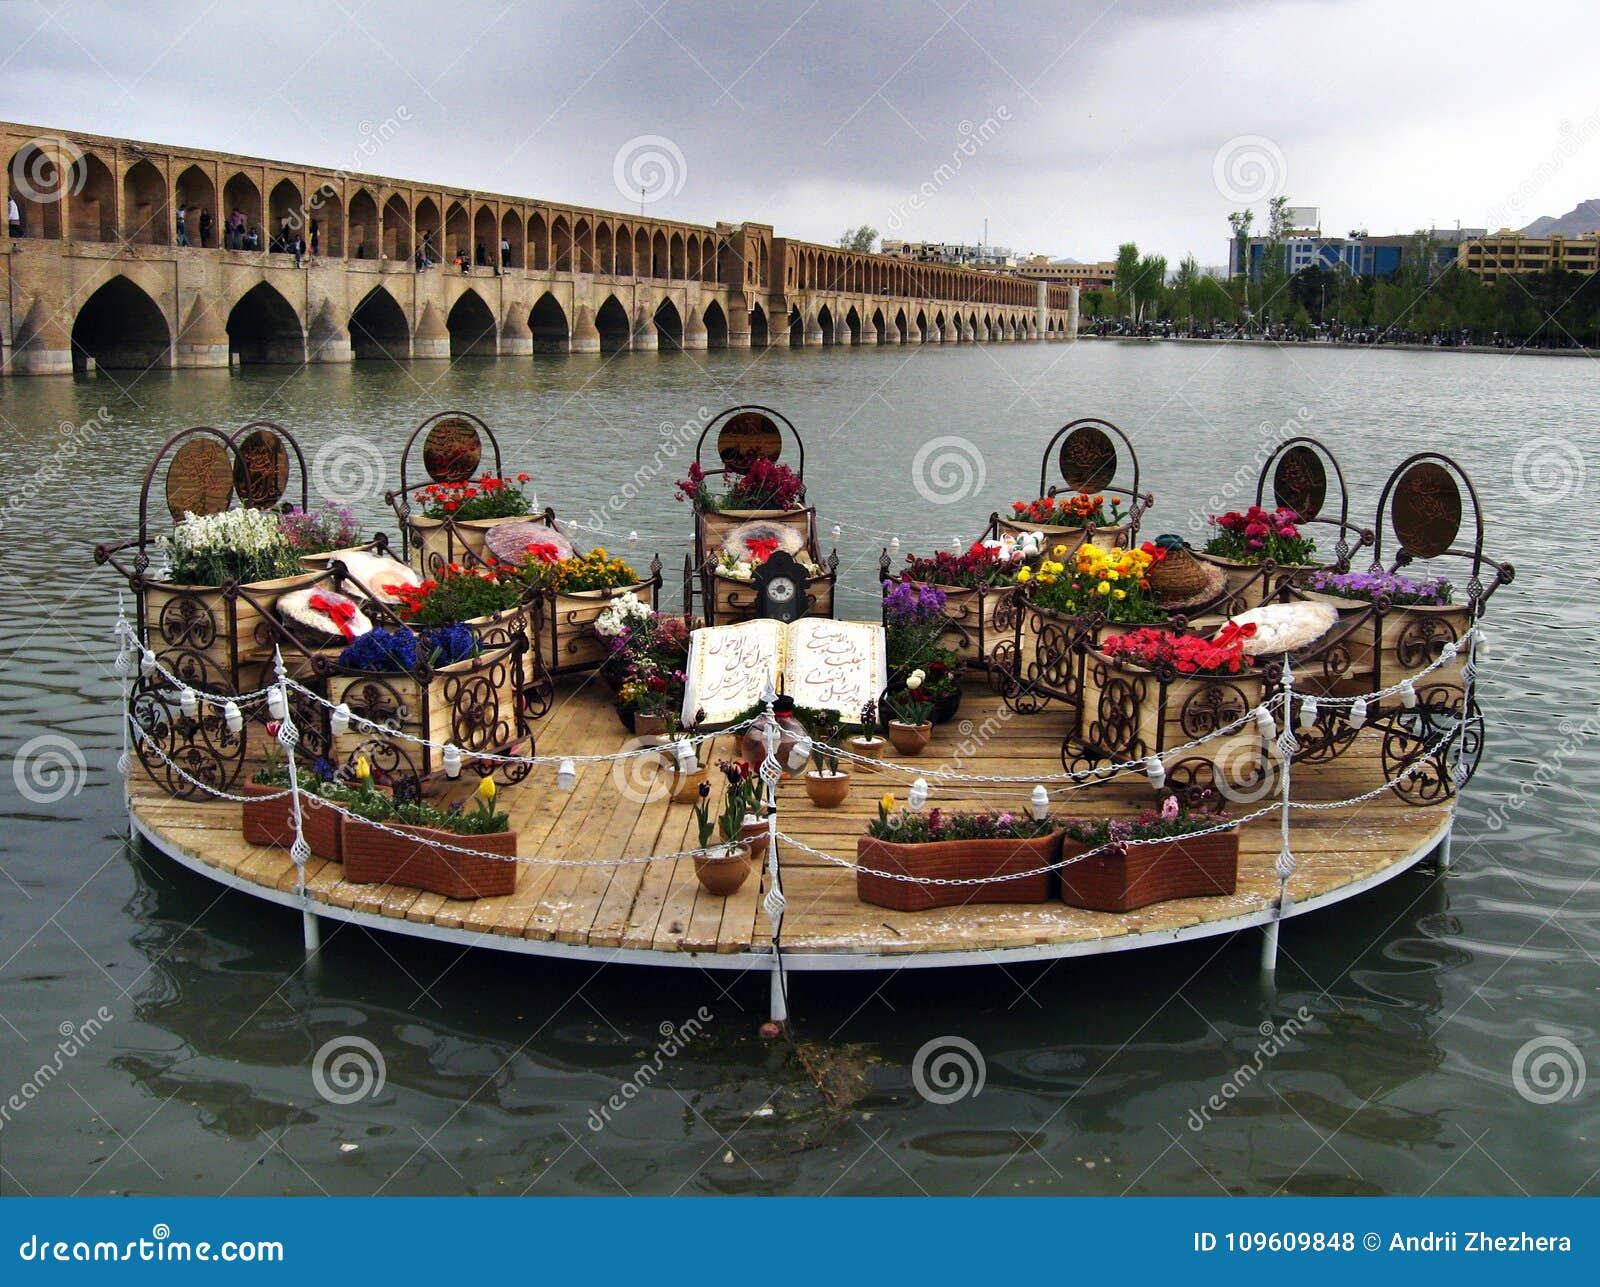 Decorative Haft Sin table in Isfahan, Iran